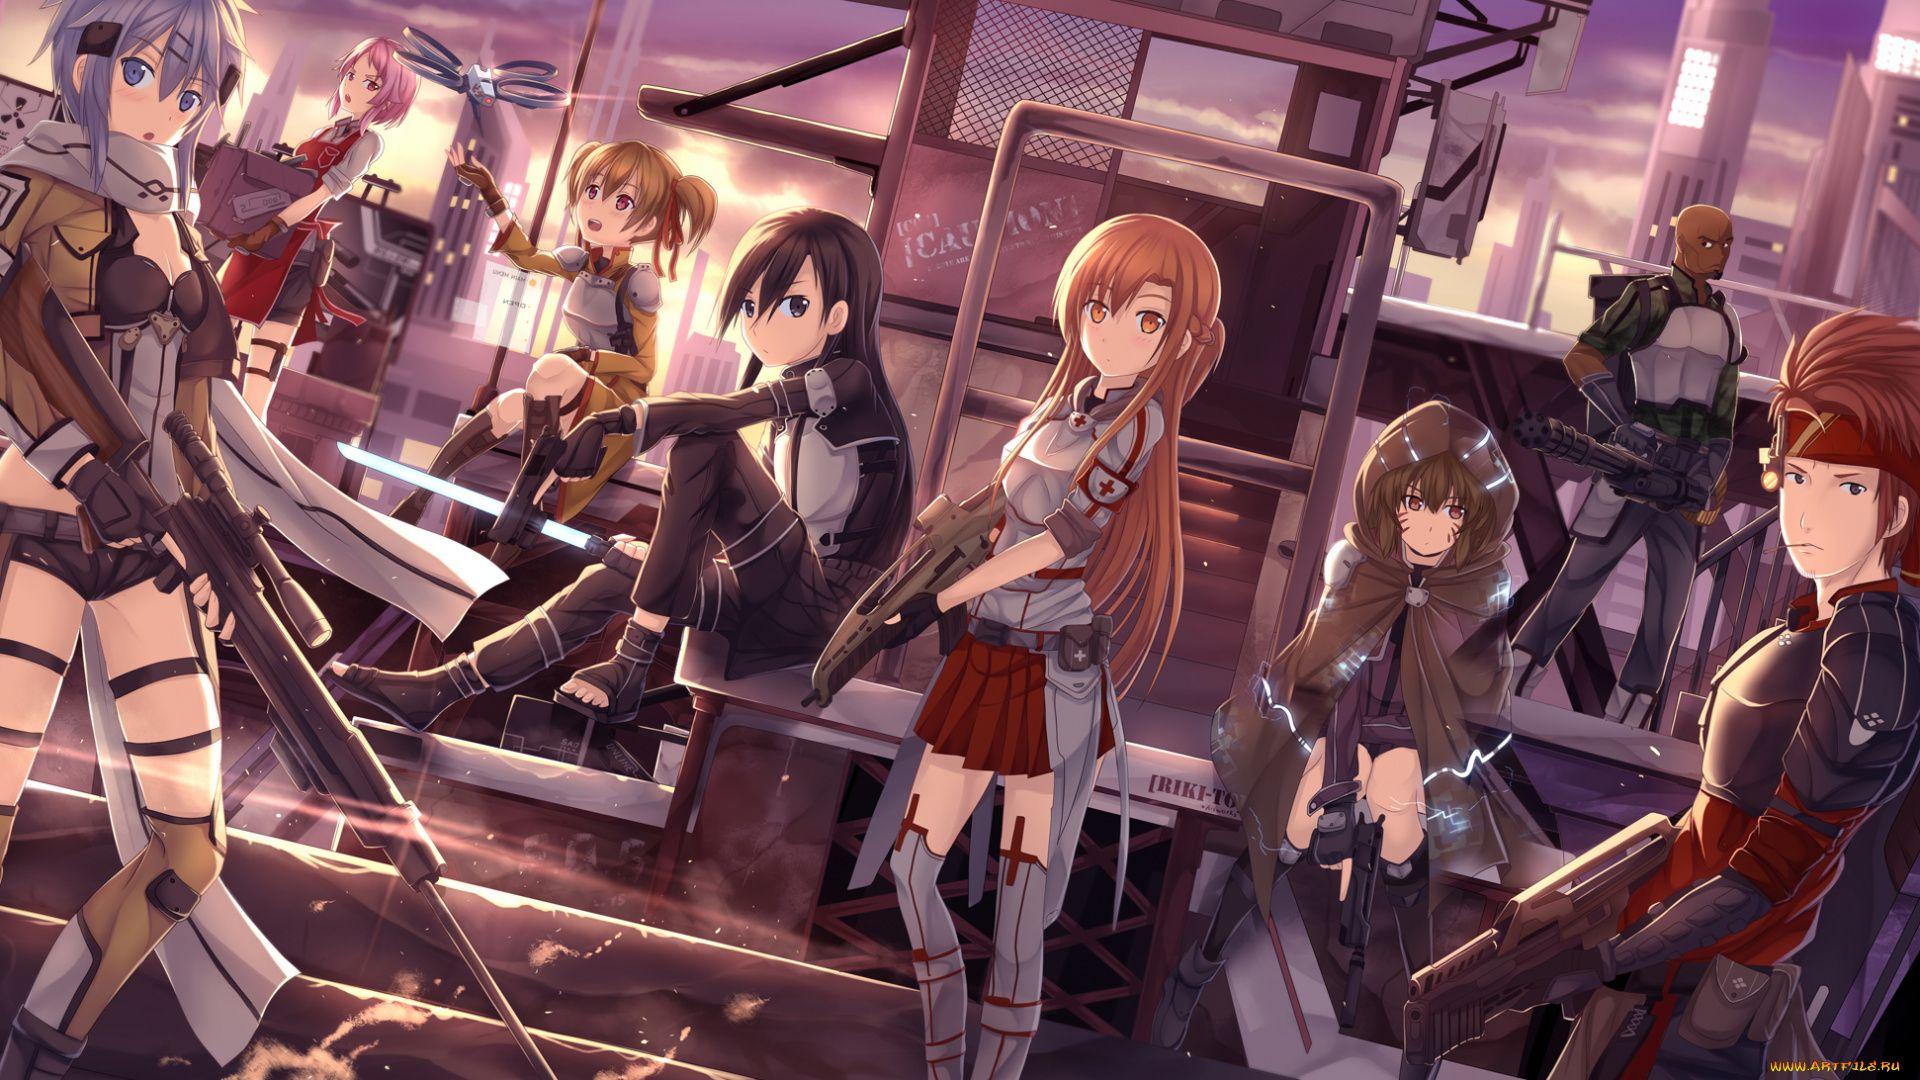 Sword Art Online Art